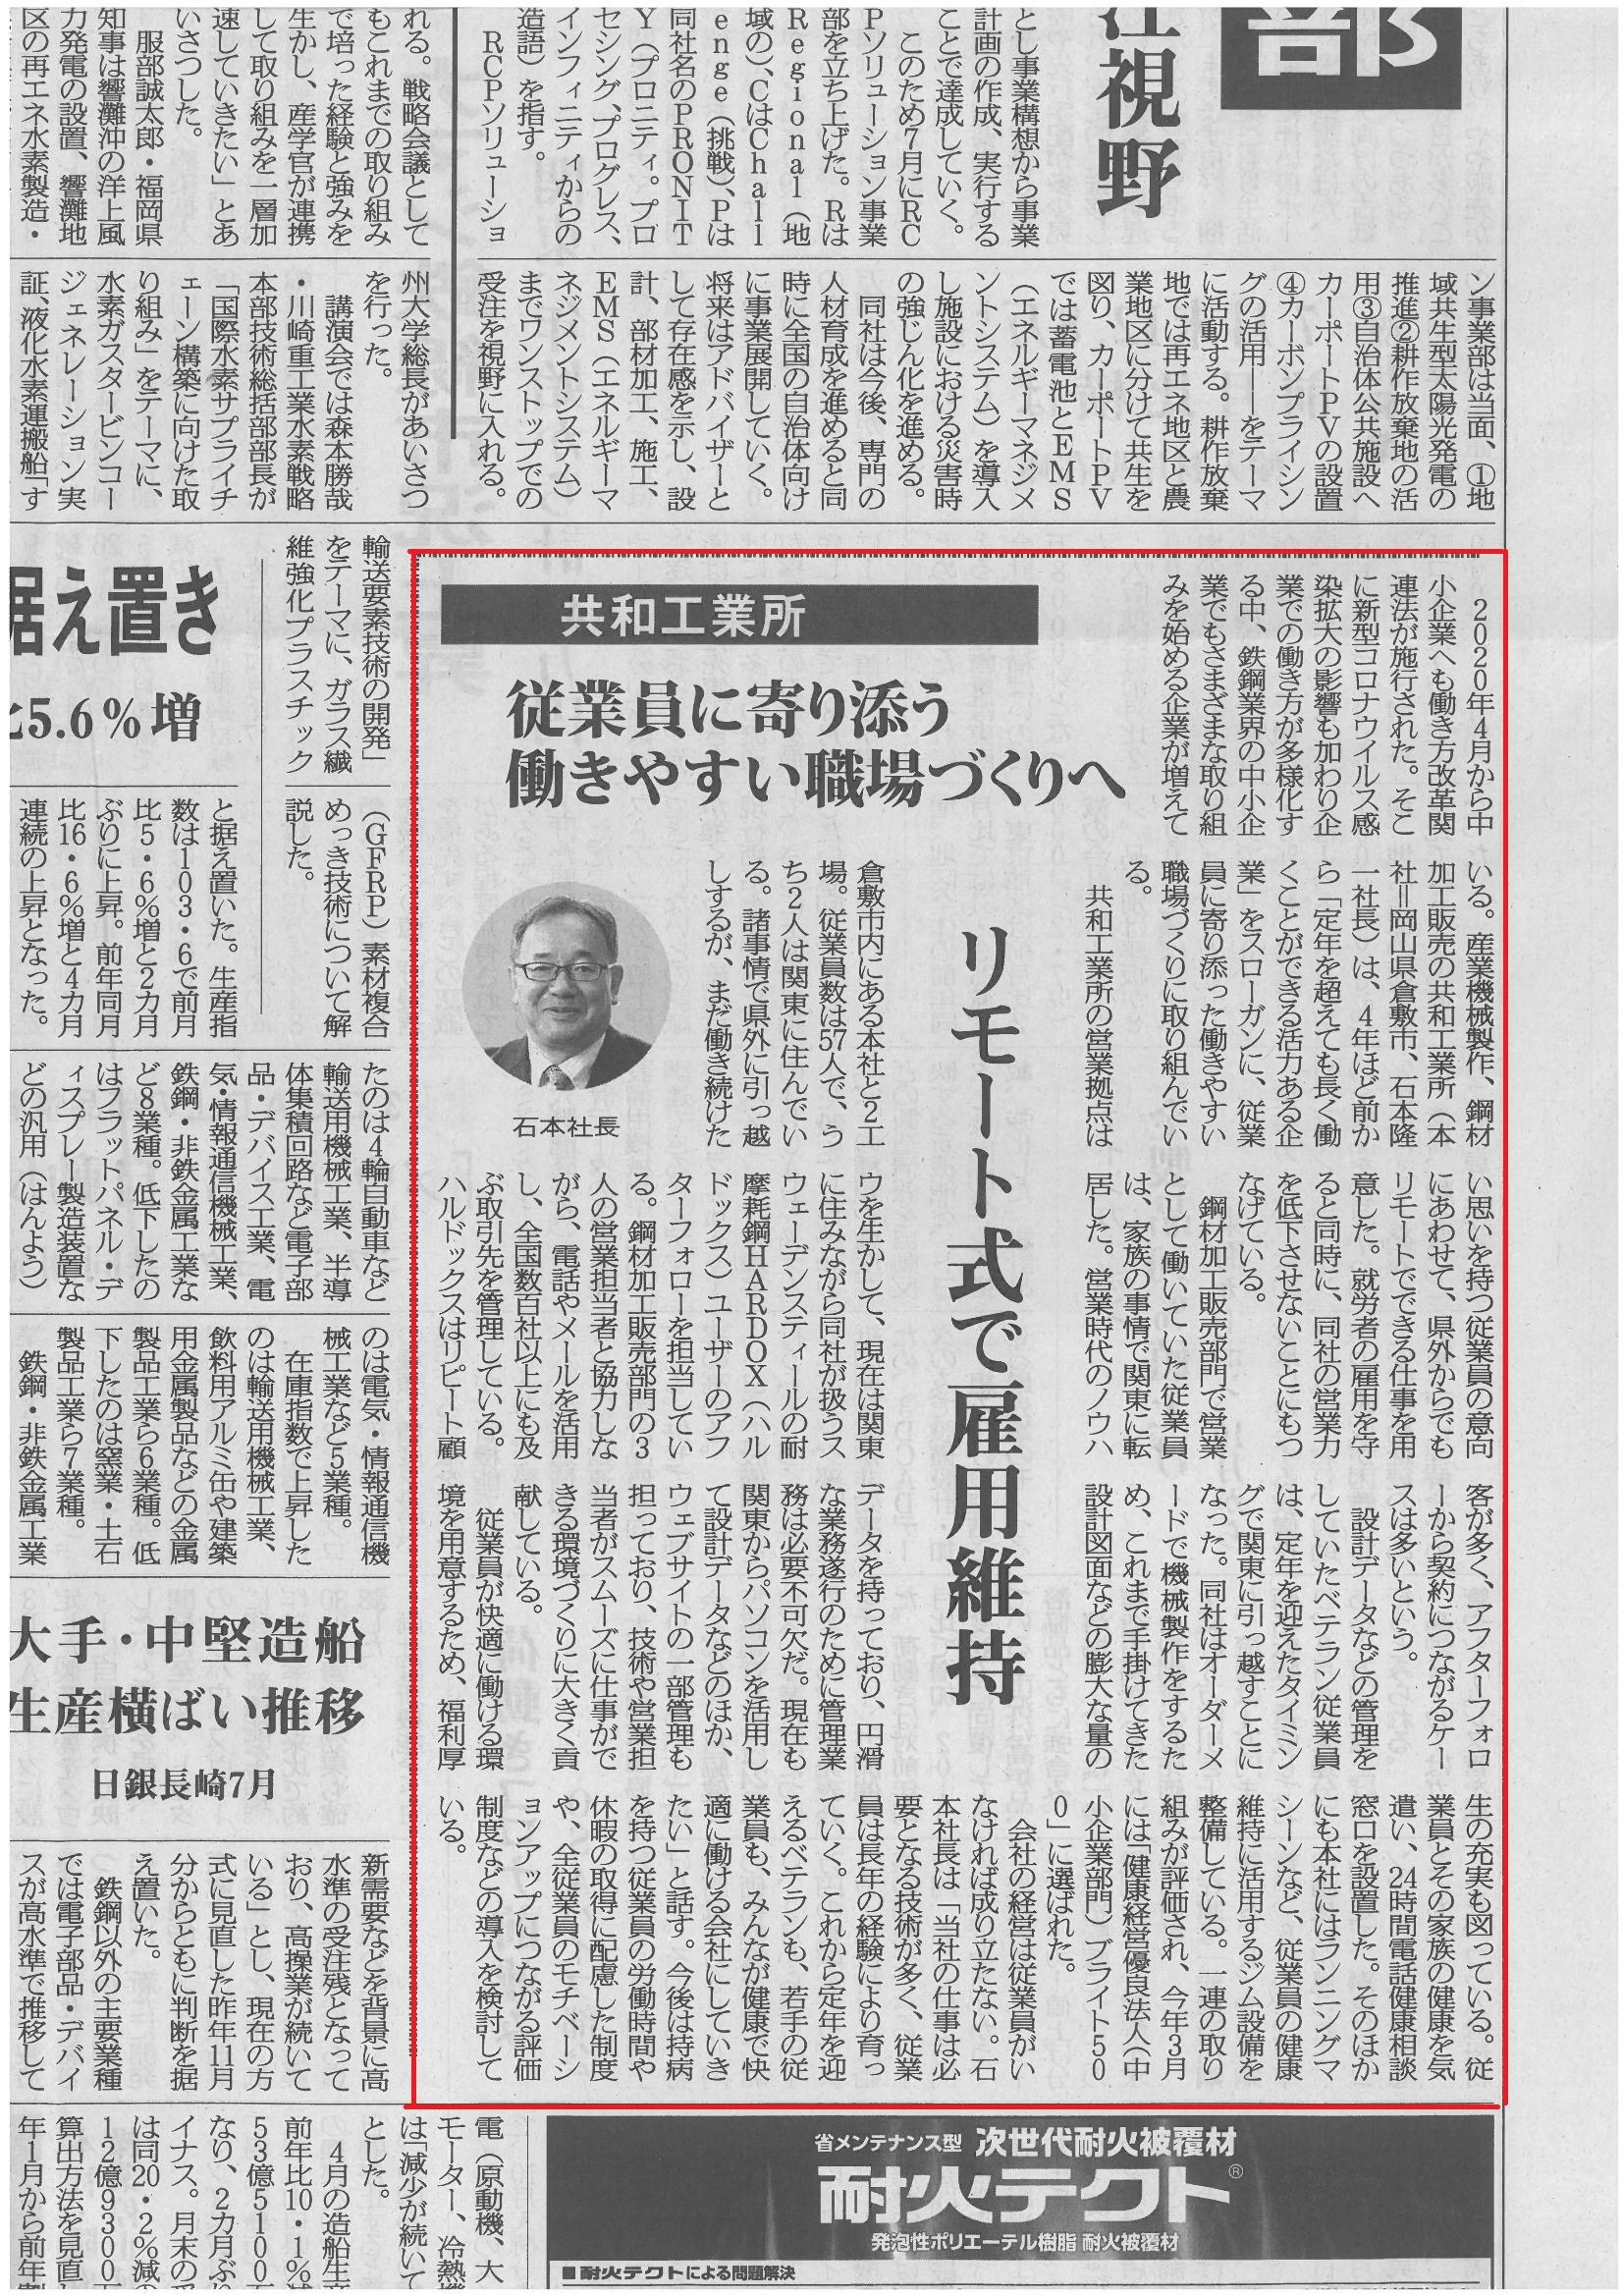 産業新聞 『健康経営に対する取組み』への取材記事